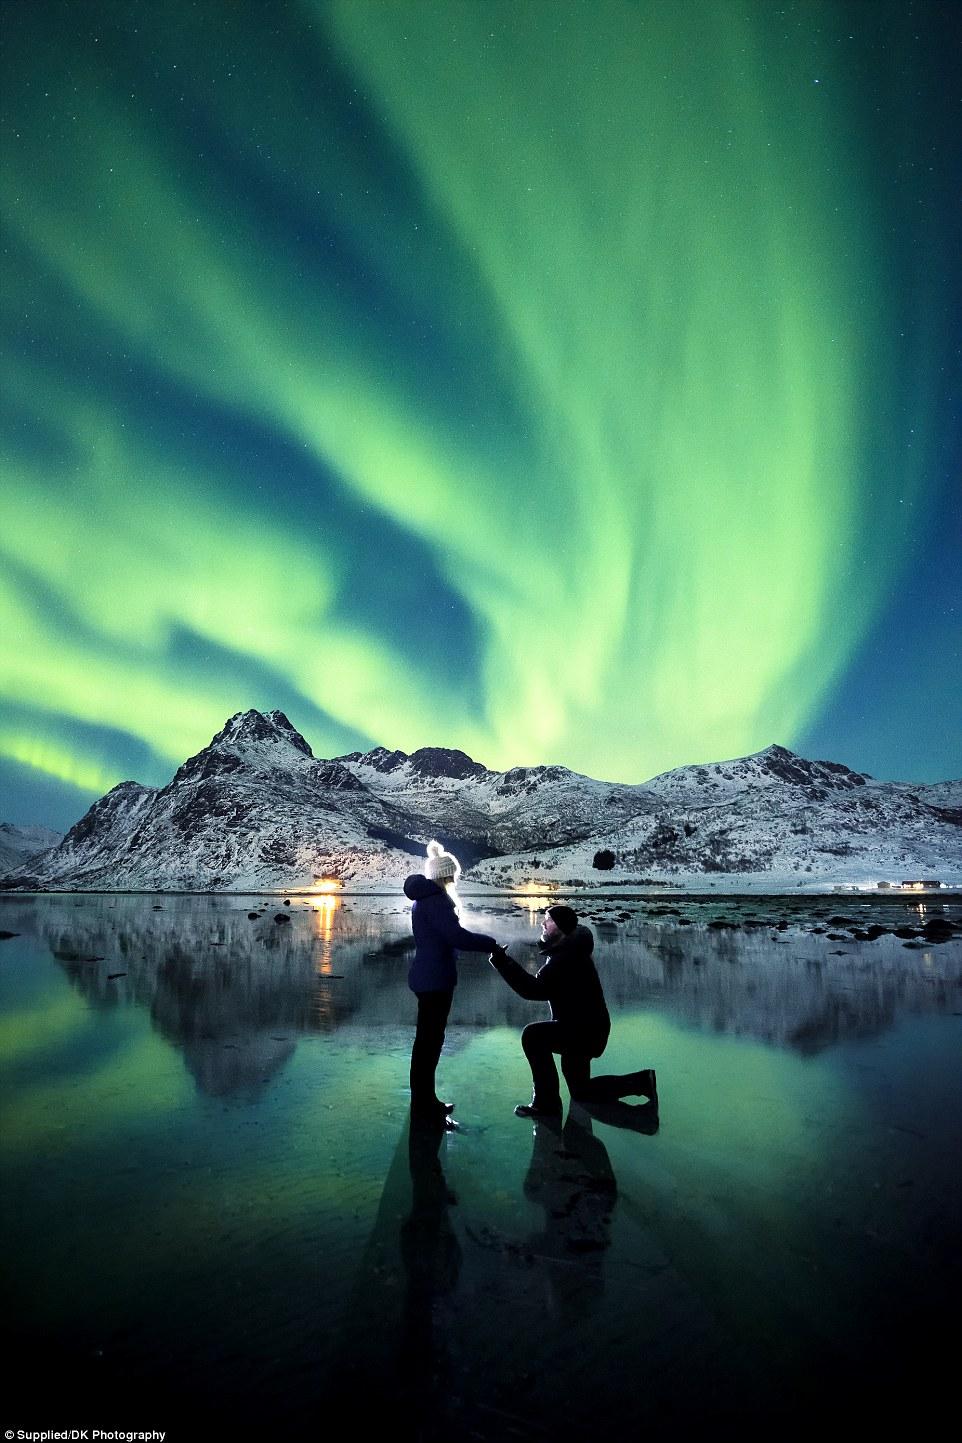 Northern Lights Display